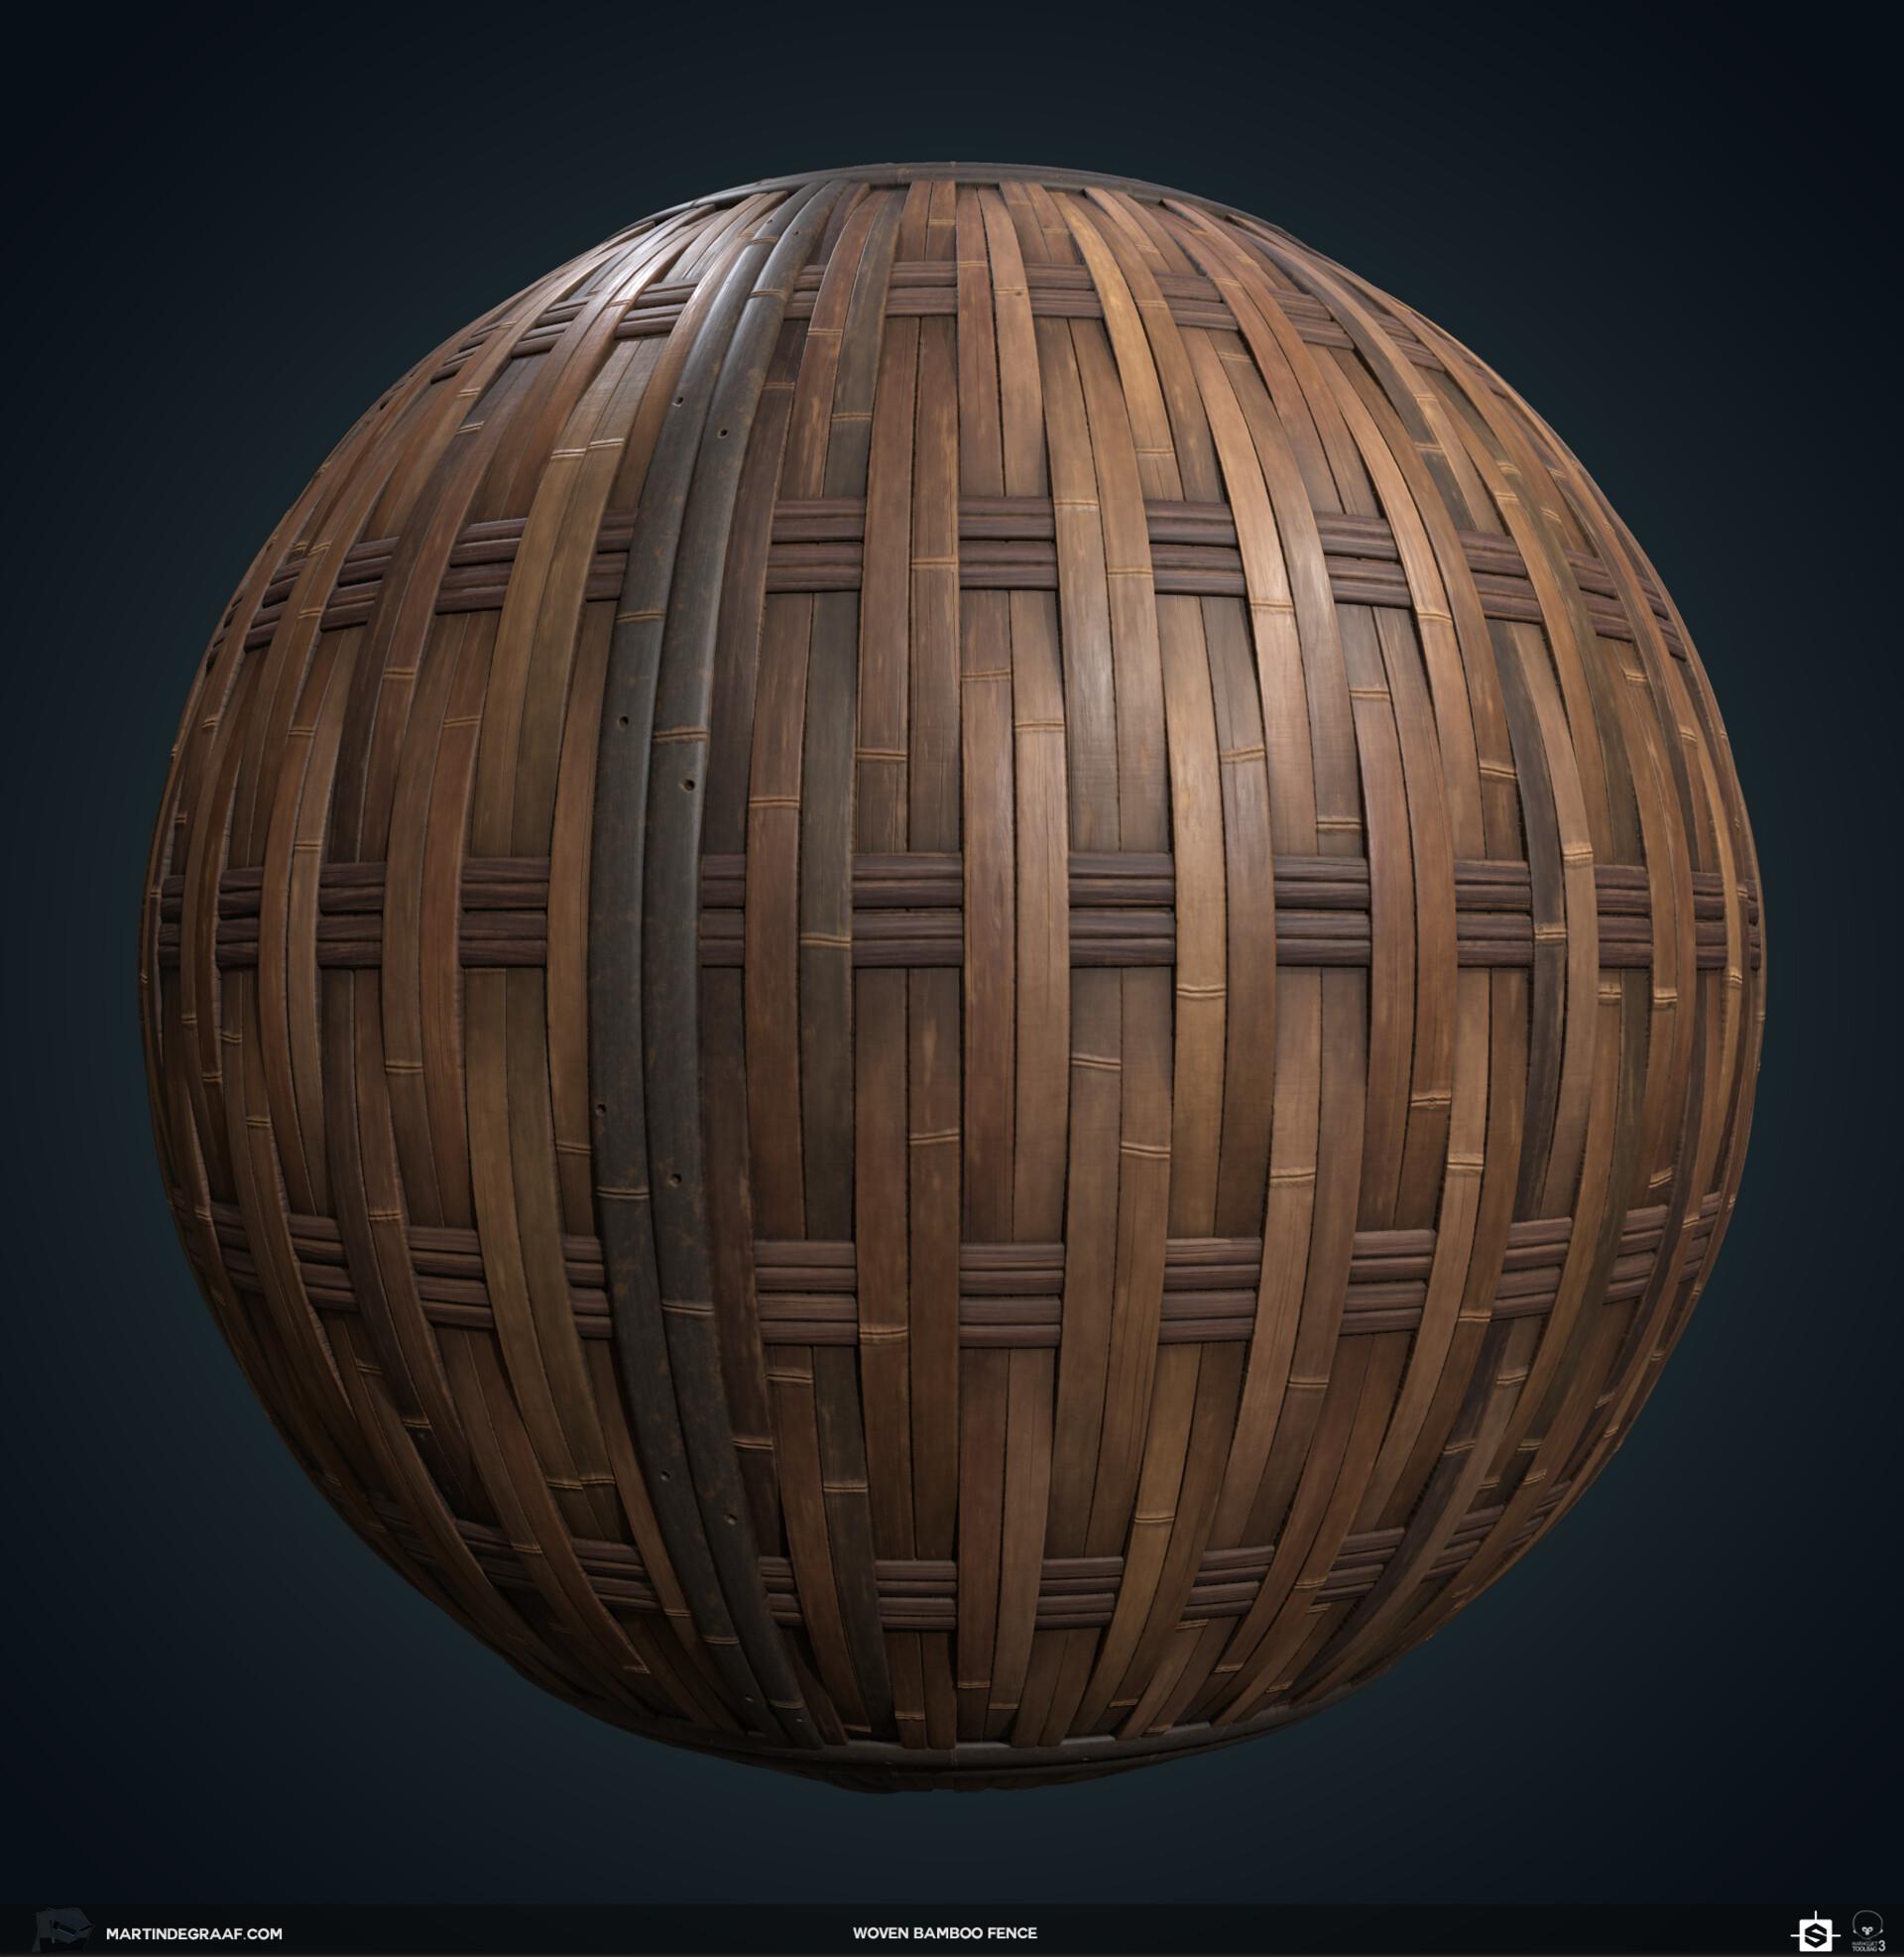 Martin de graaf woven bamboo fence substance sphere martin de graaf 2019